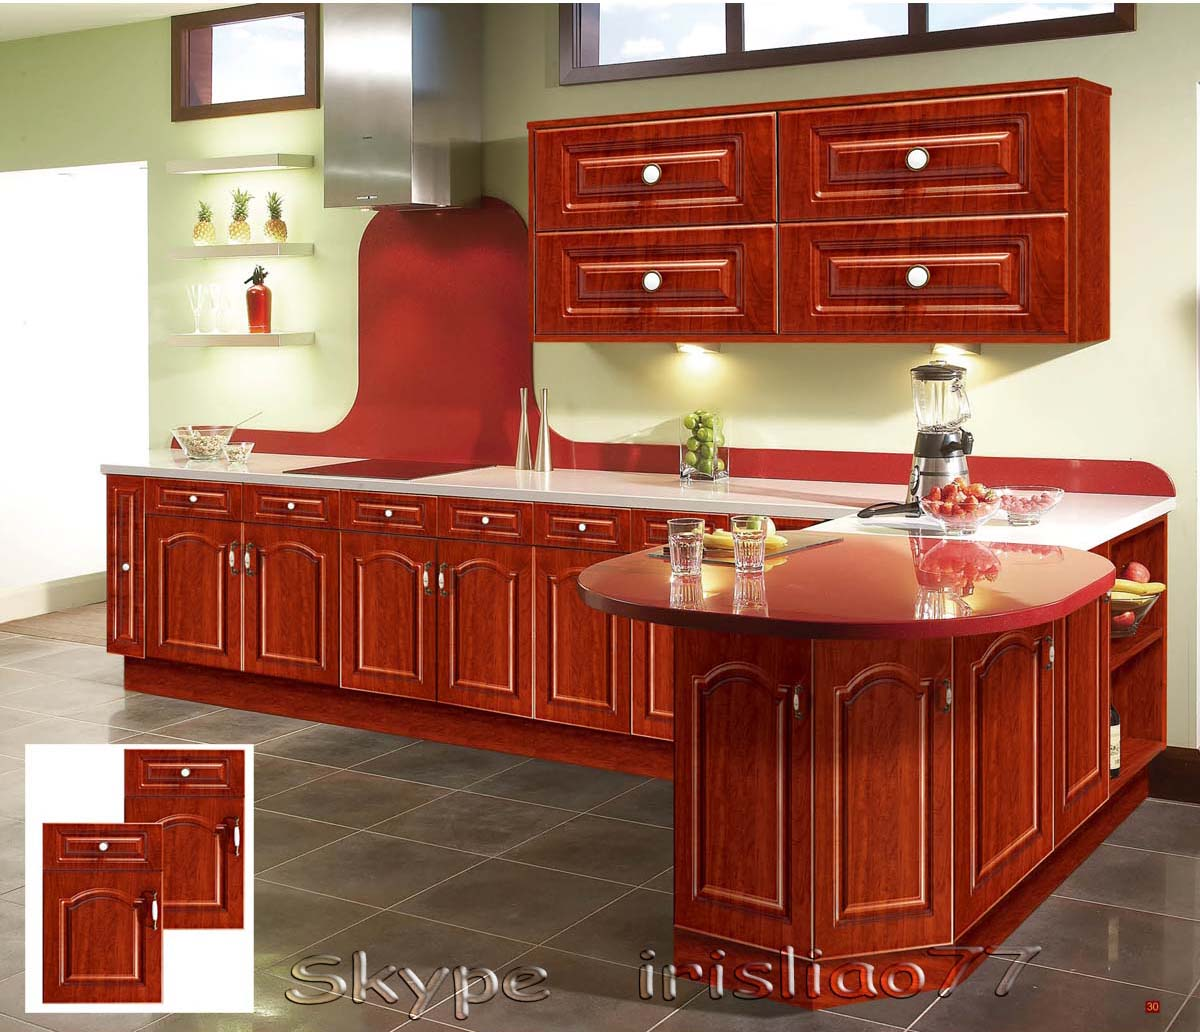 de cozinha porta projetos Projeto do armário de cozinha em madeira  #7E2817 1200 1032